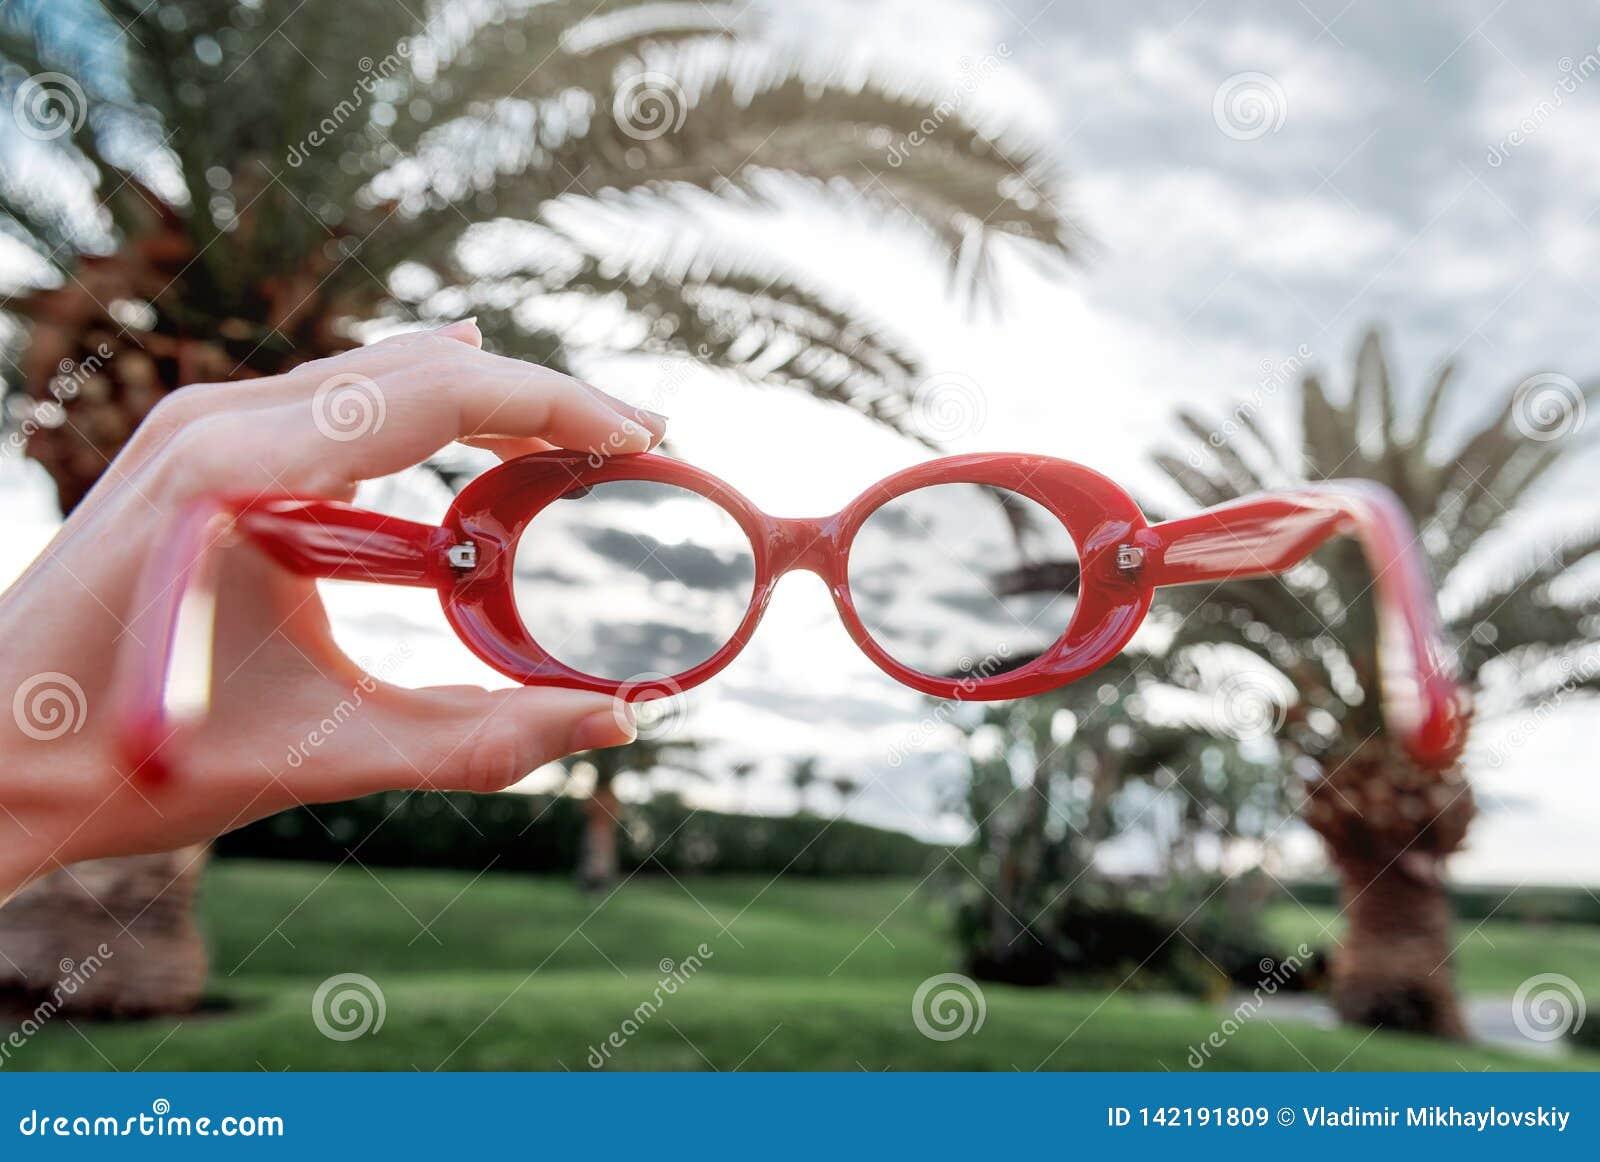 Verres de soleil de palmiers Concept de vacances la fille tient les lunettes de soleil rouges à la mode dans sa main et dispose à